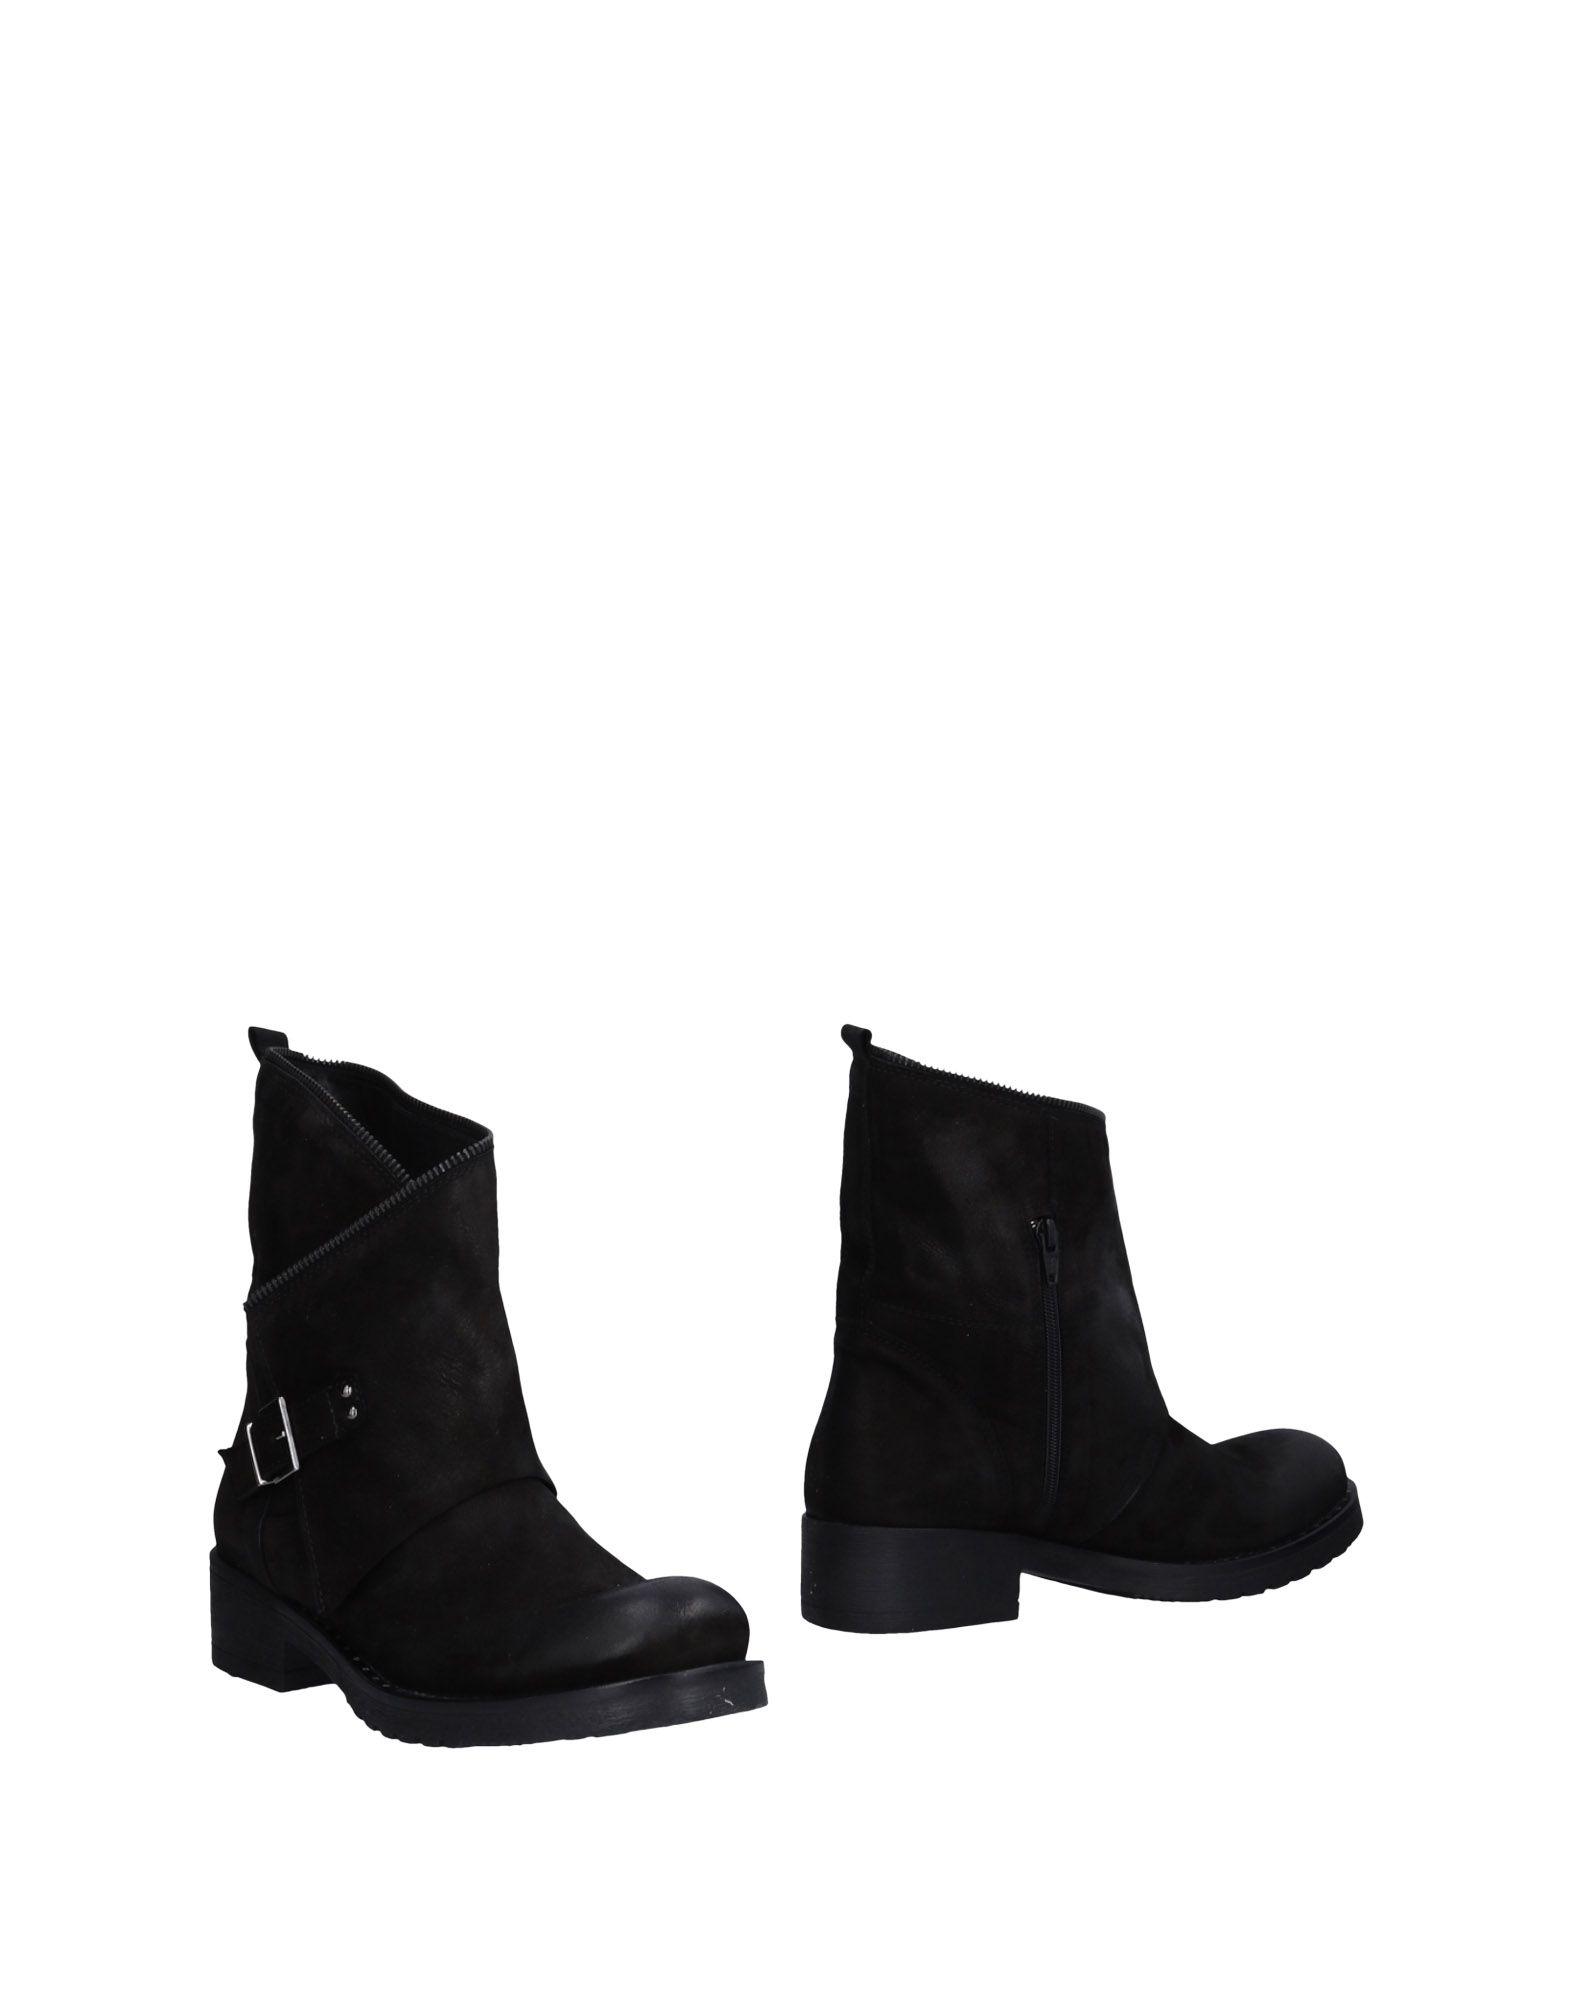 Unlace Stiefelette Damen  11474492TK Gute Qualität beliebte Schuhe